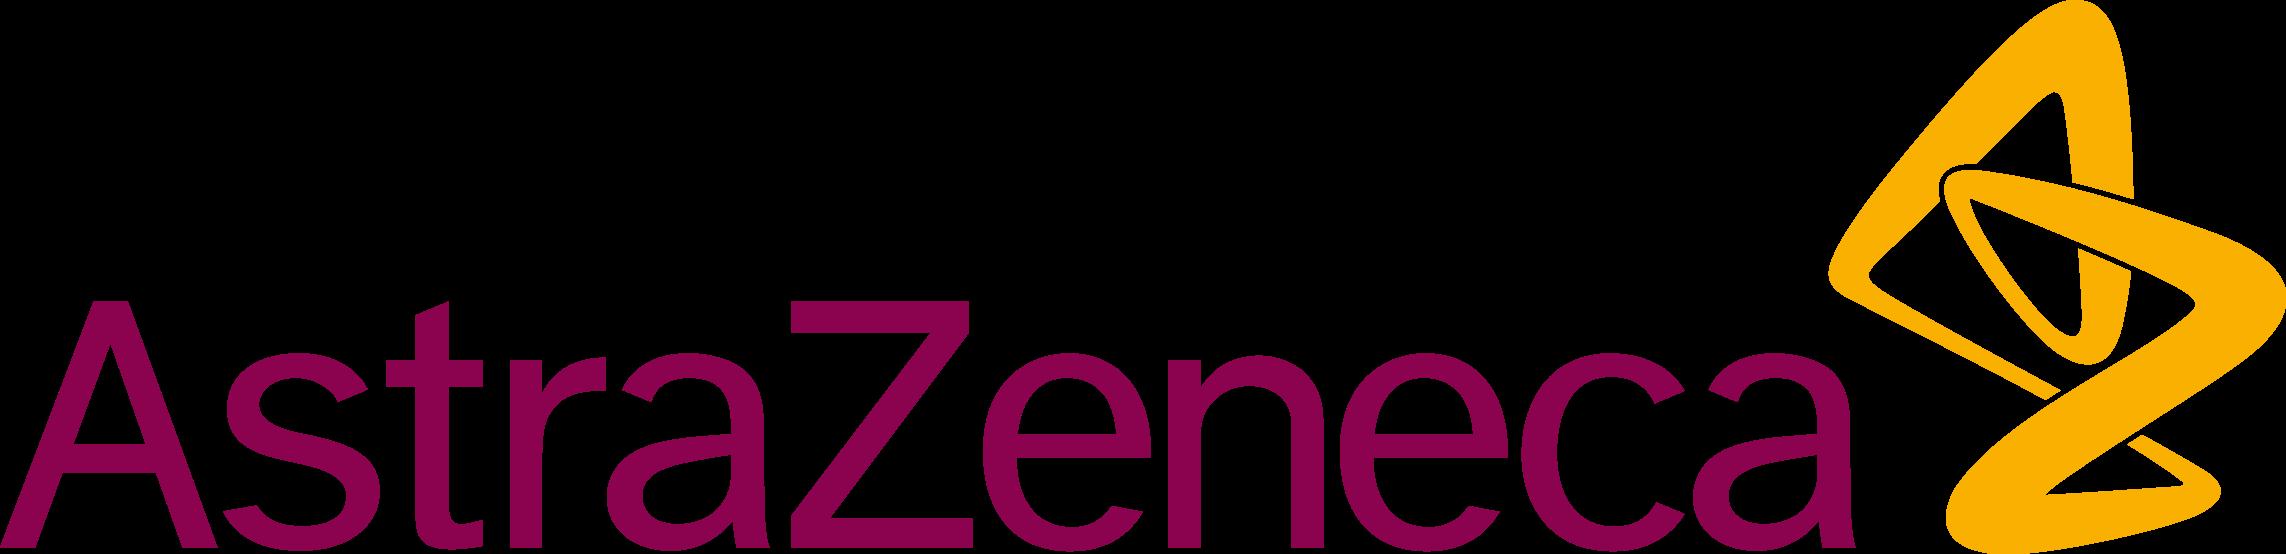 Astrazeneca Vector PNG